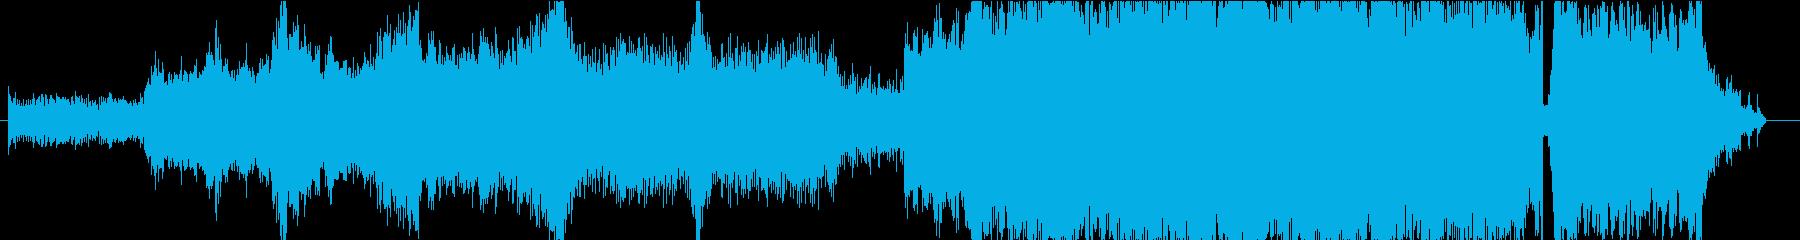 オーケストラとシンセの未来的ハイブリッドの再生済みの波形